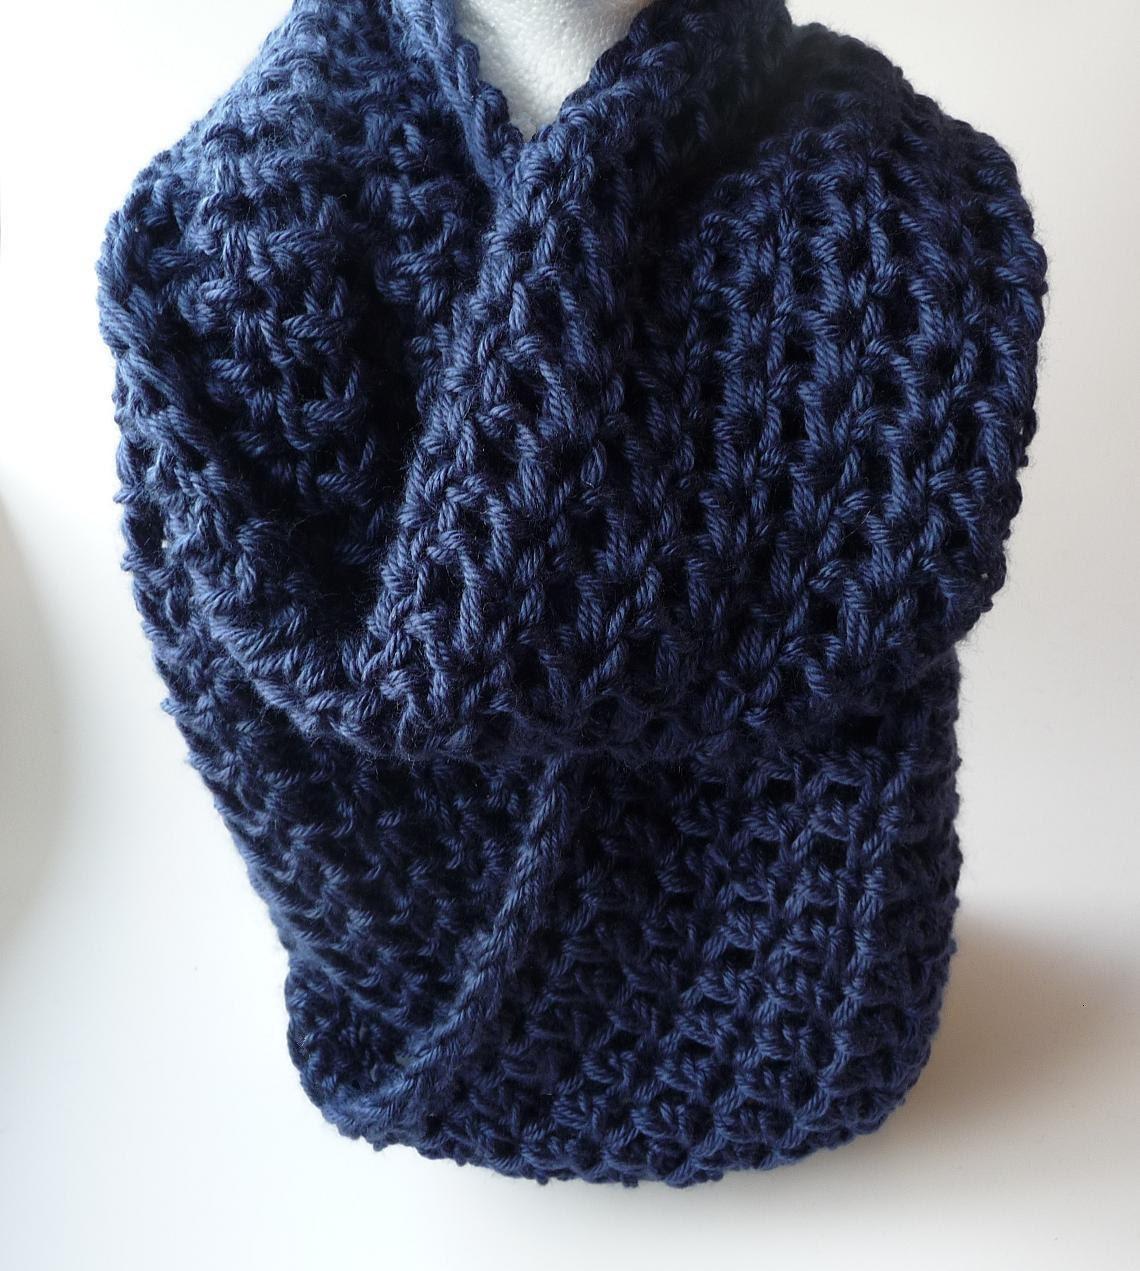 Crochet cowl pattern crochet pattern cowl neck scarf crochet zoom bankloansurffo Choice Image